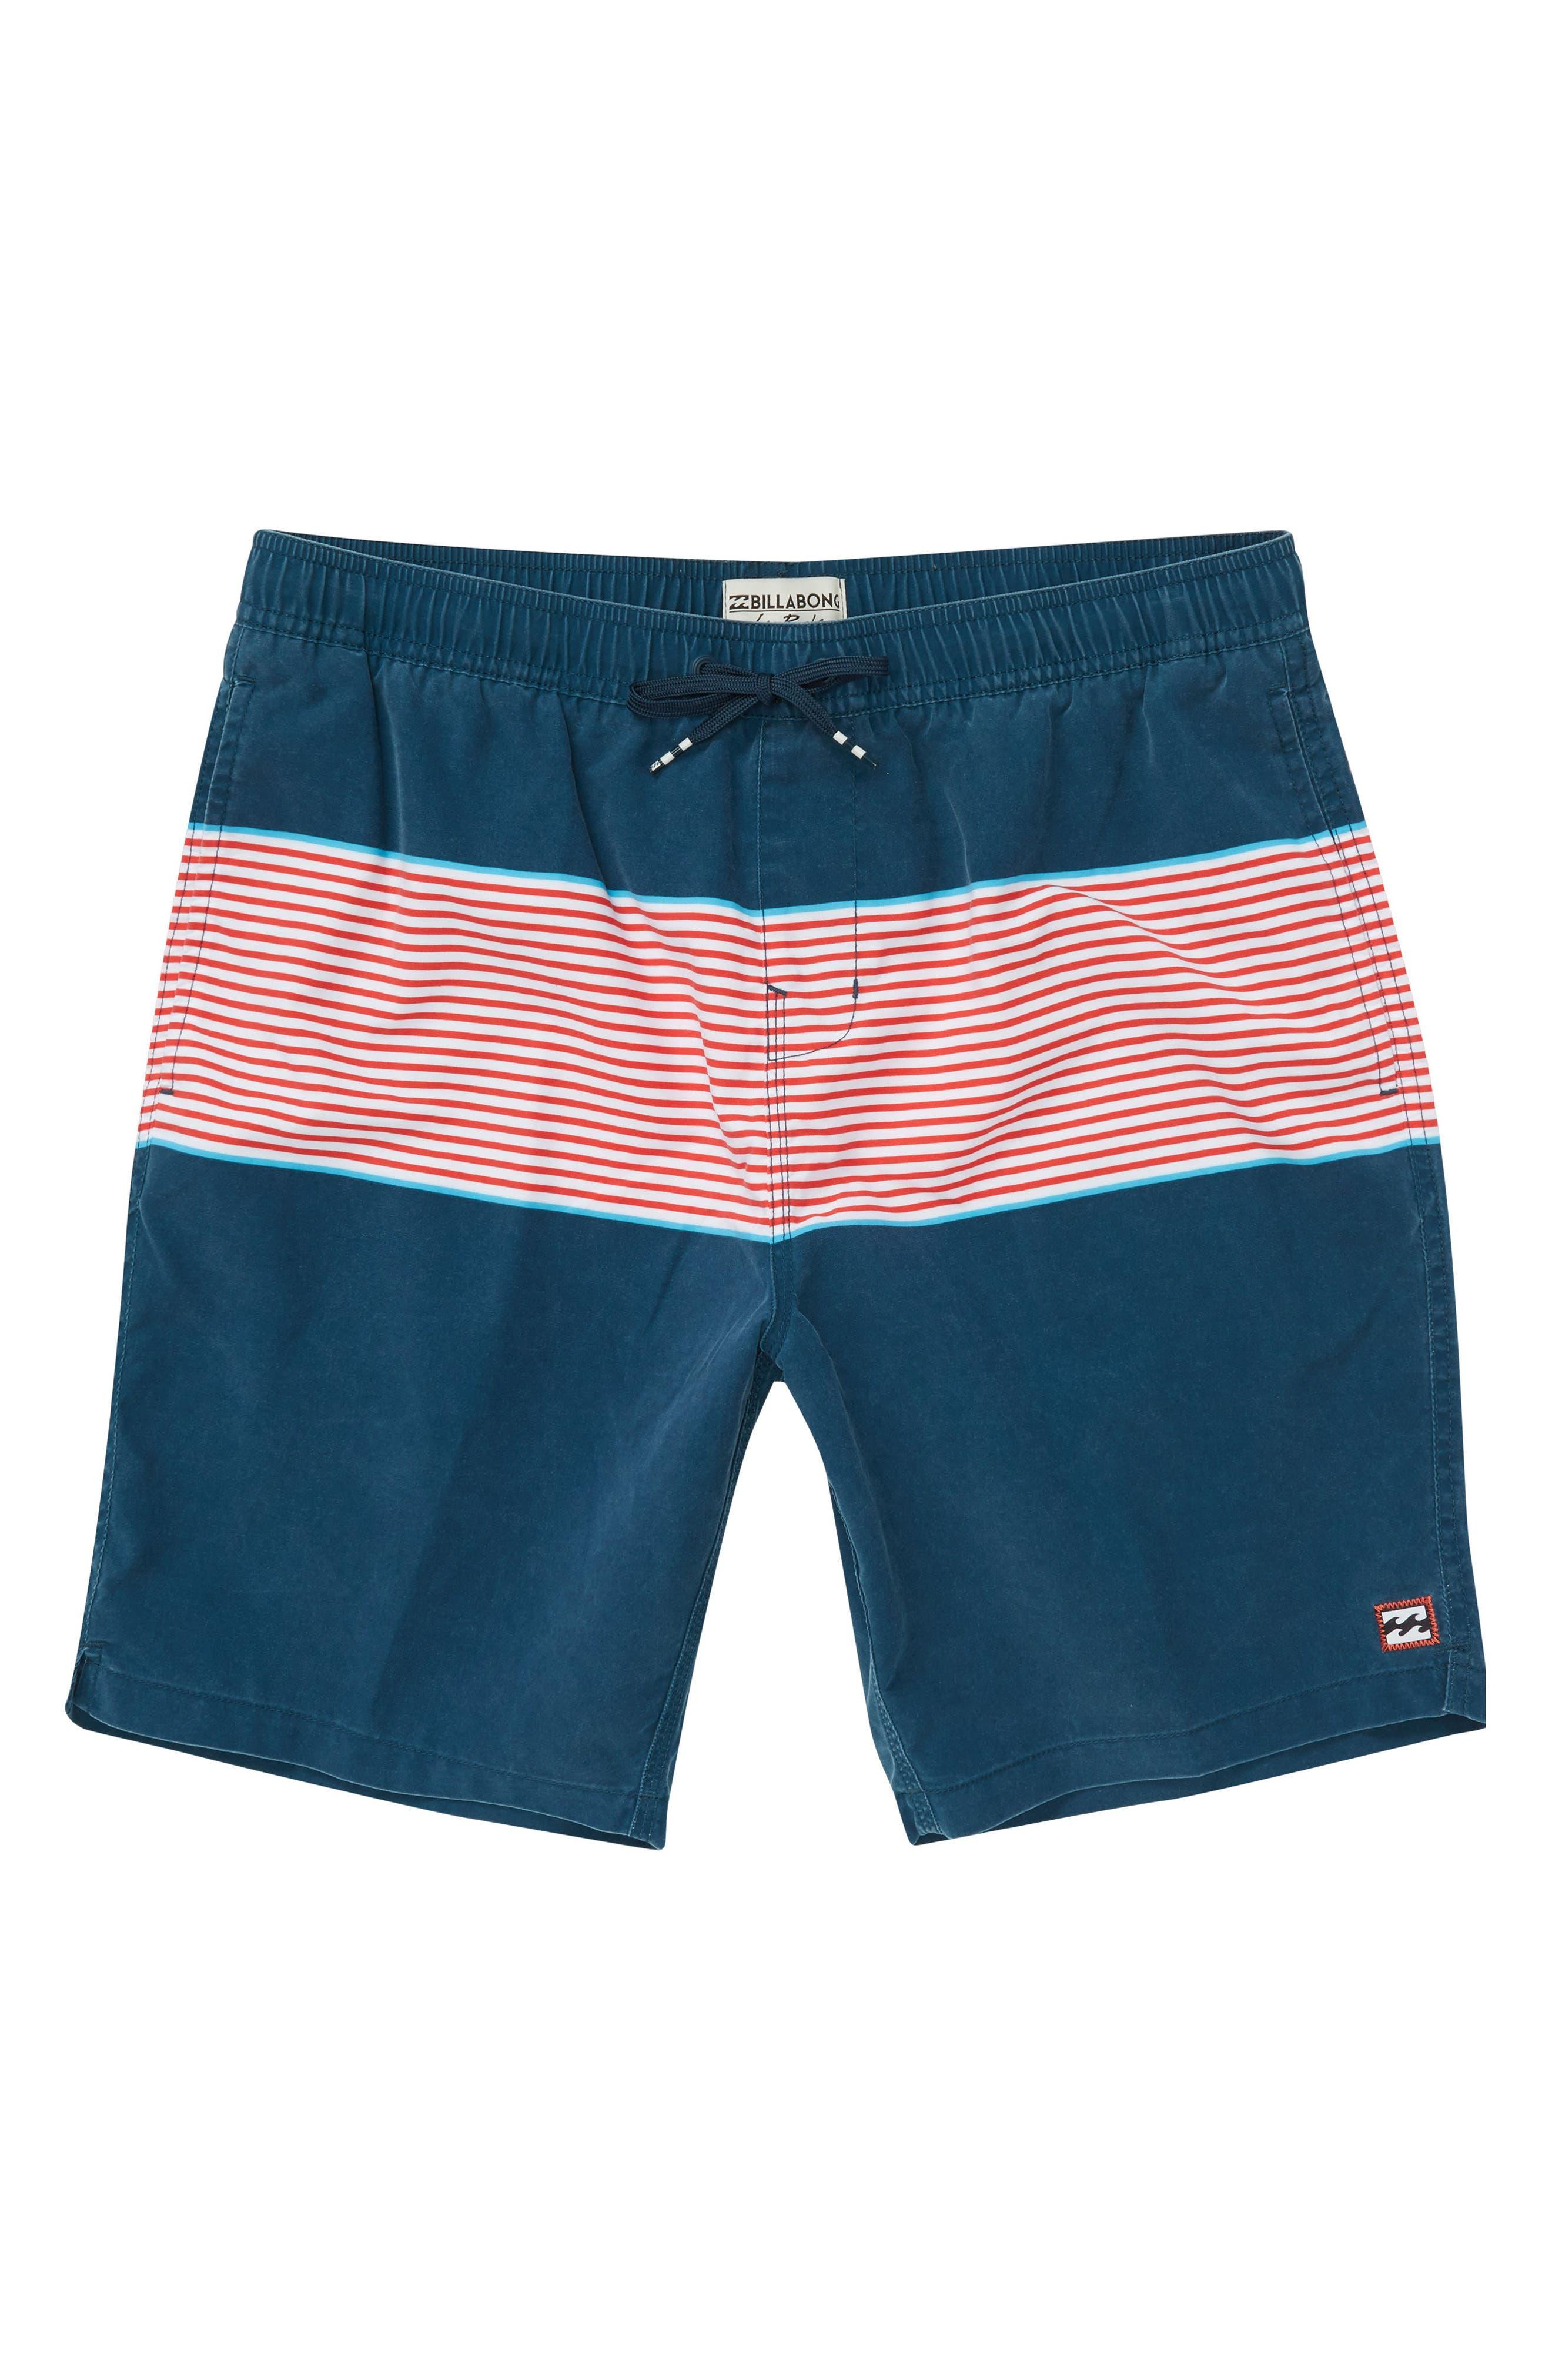 Tribong Layback Board Shorts,                             Alternate thumbnail 3, color,                             428